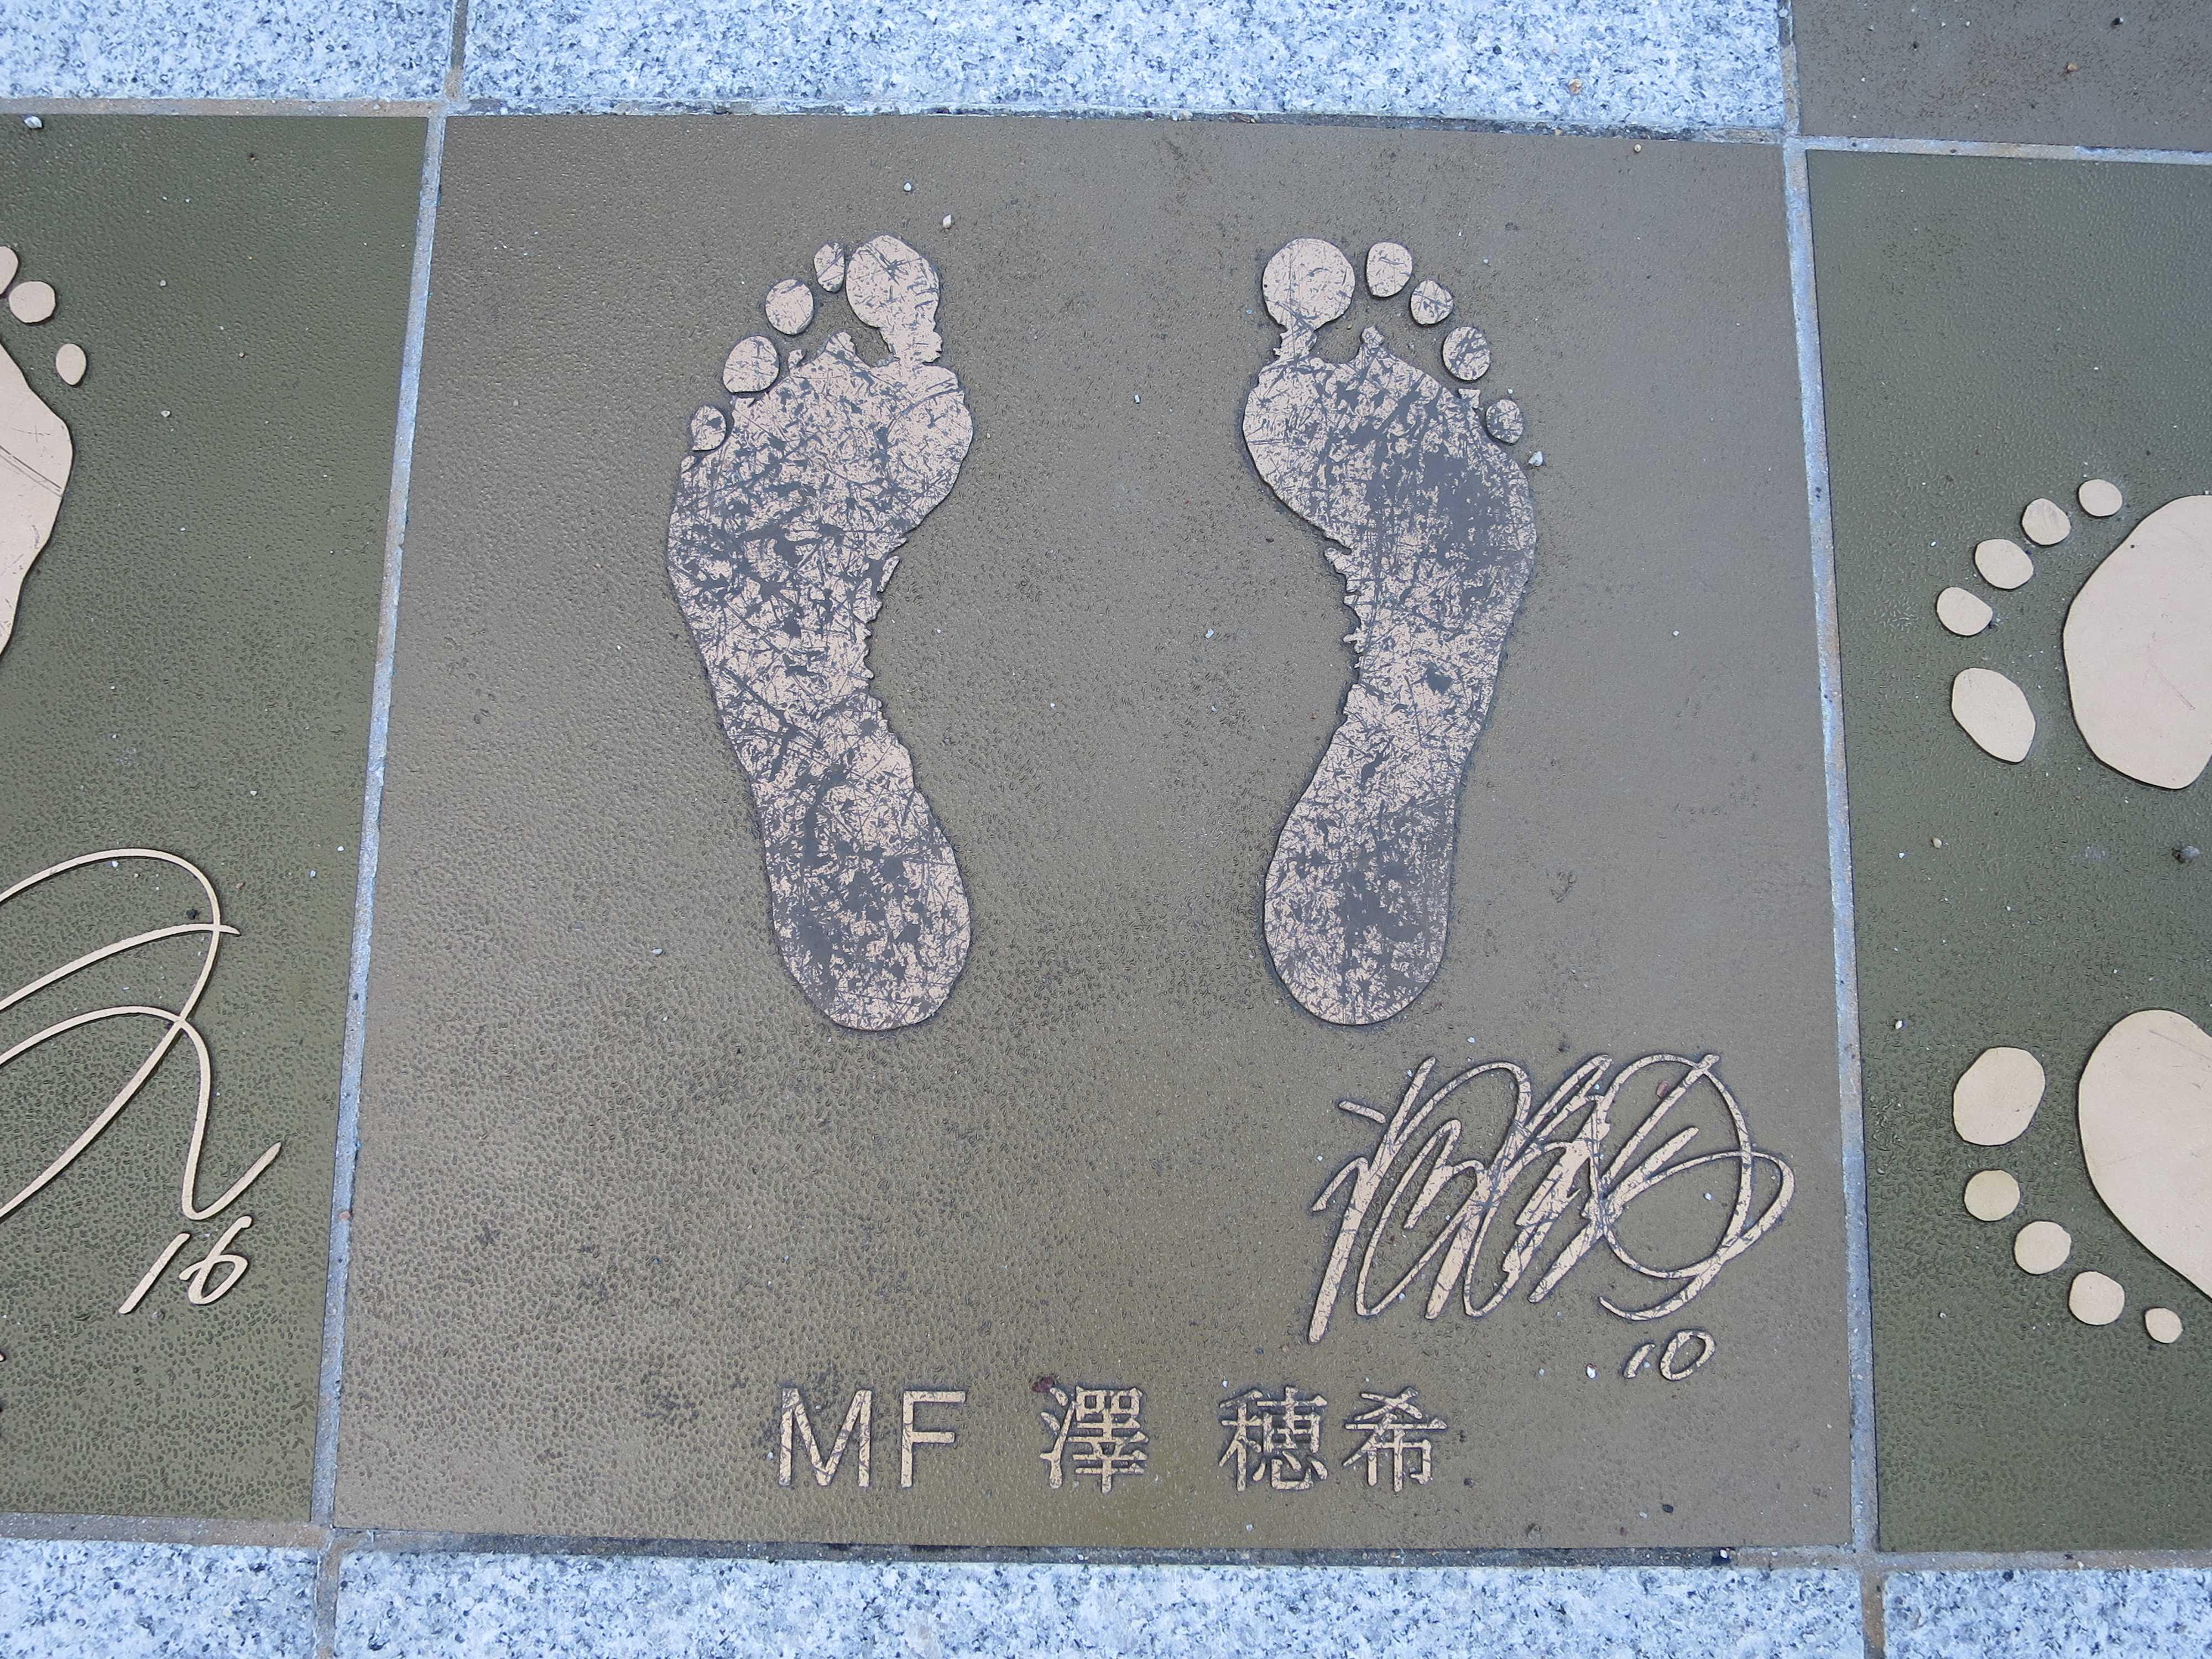 2011年度 FIFA女子最優秀選手賞受賞、なでしこジャパン MF 澤 穂希の足形